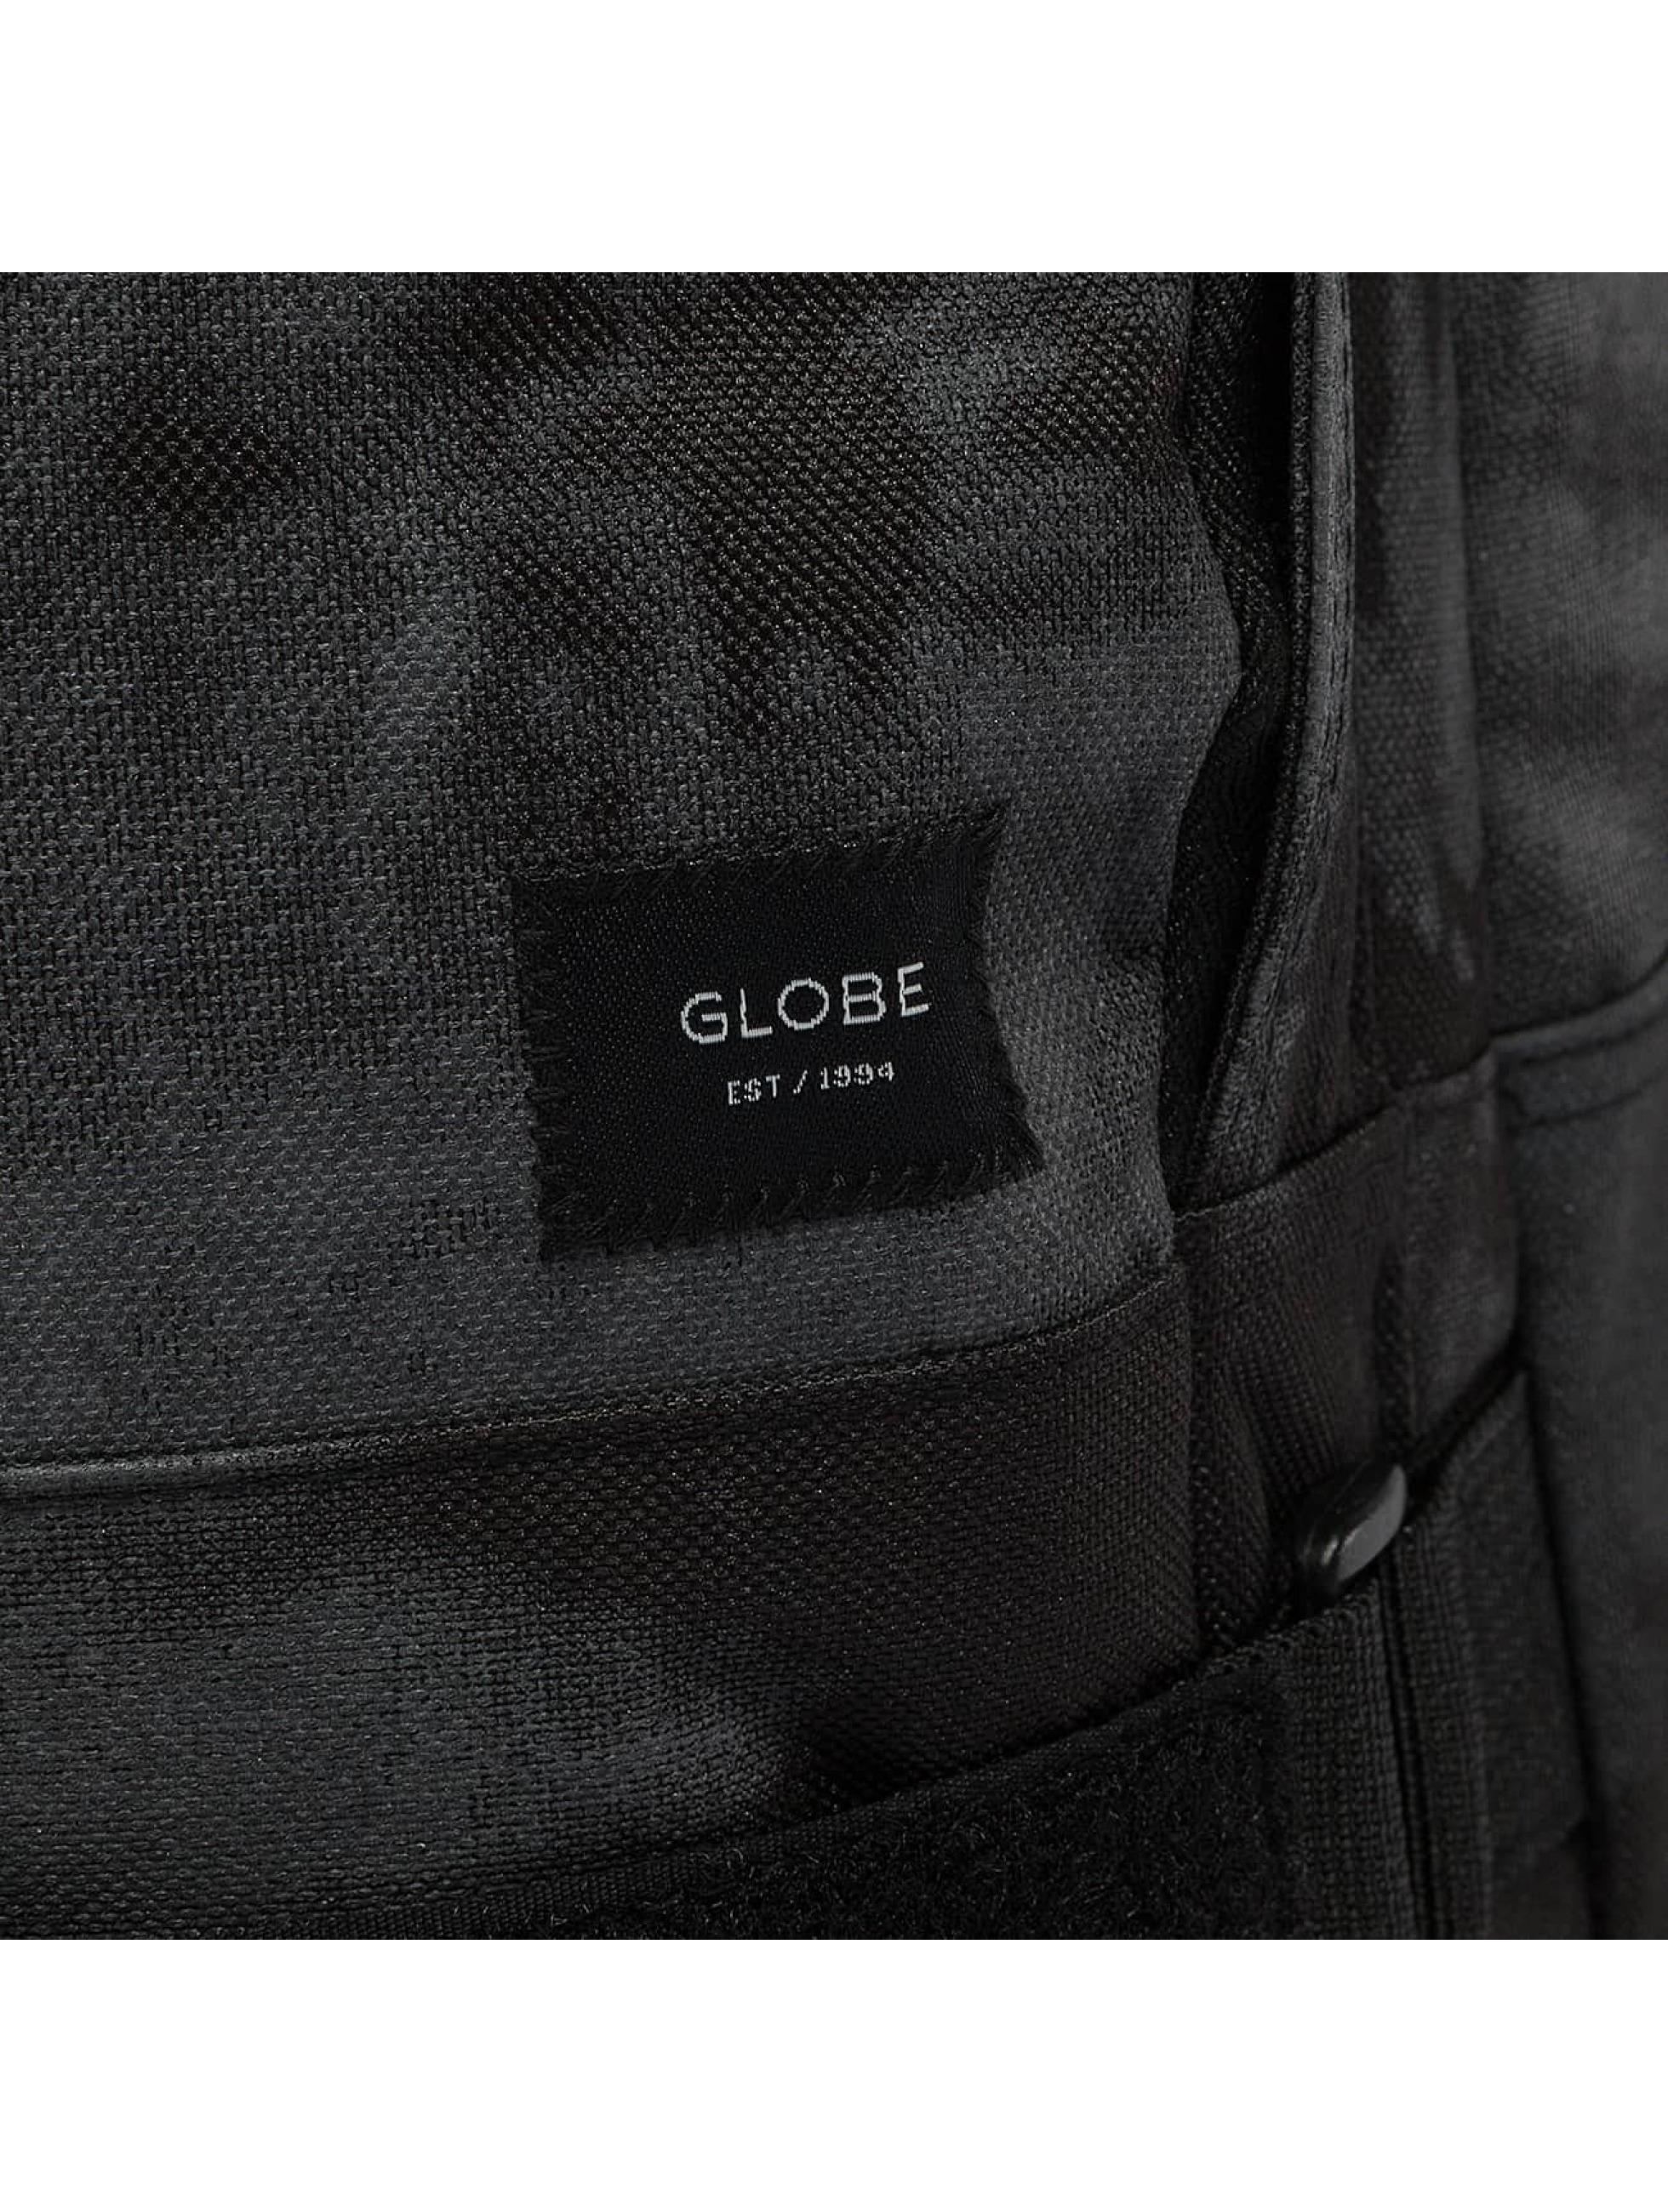 Globe Backpack Thurston gray